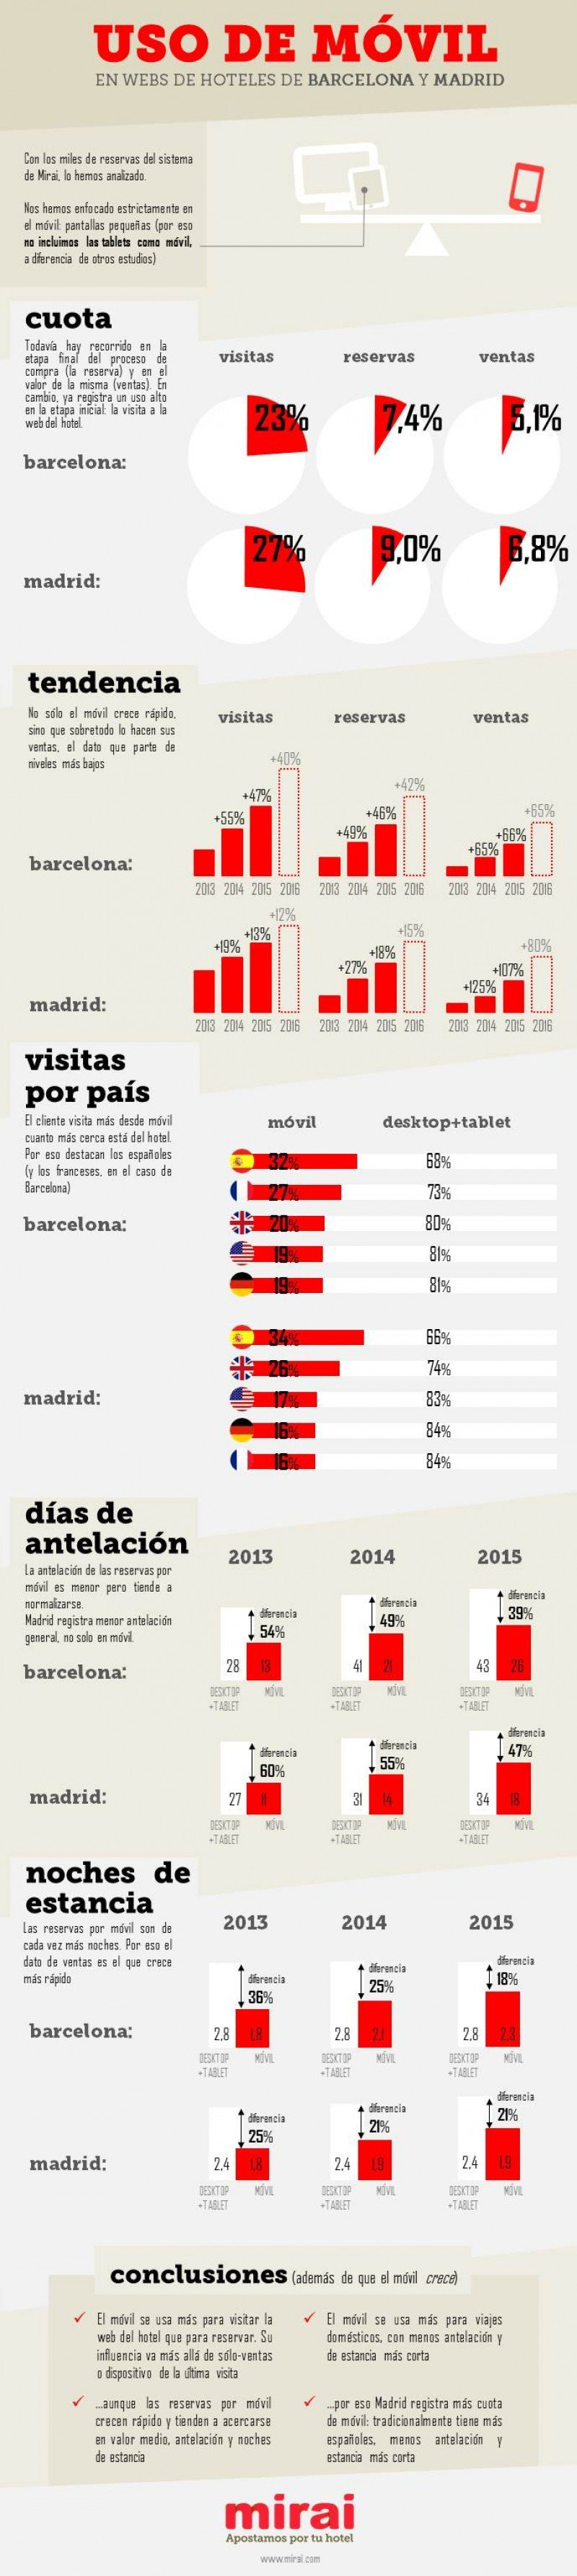 Infografía de Mirai: Uso de móvil en webs de hoteles de Barcelona y Madrid.